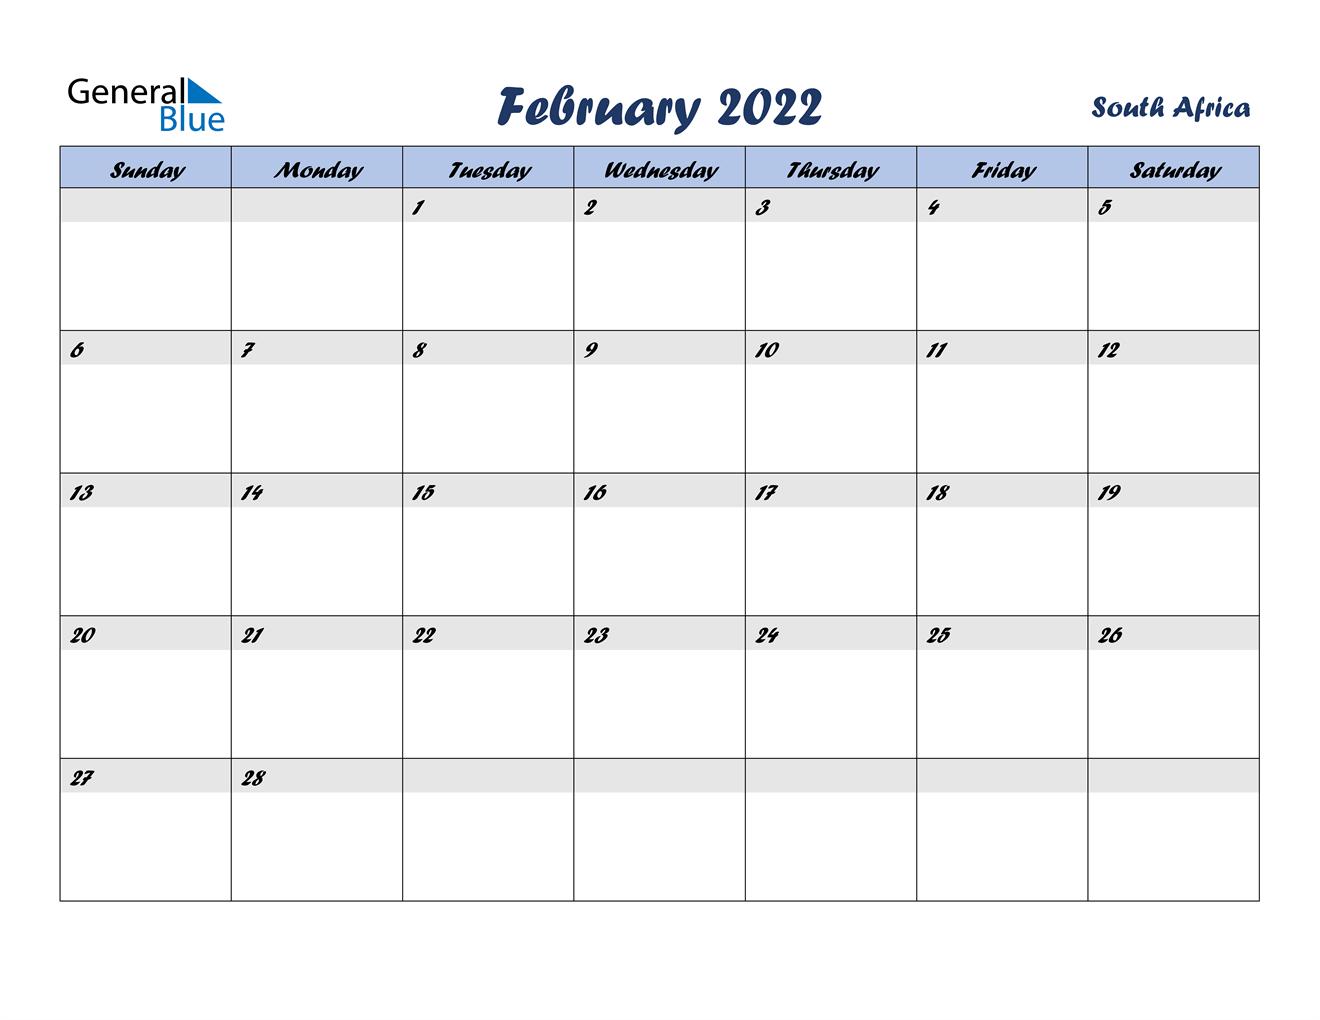 February 2022 Calendar - South Africa